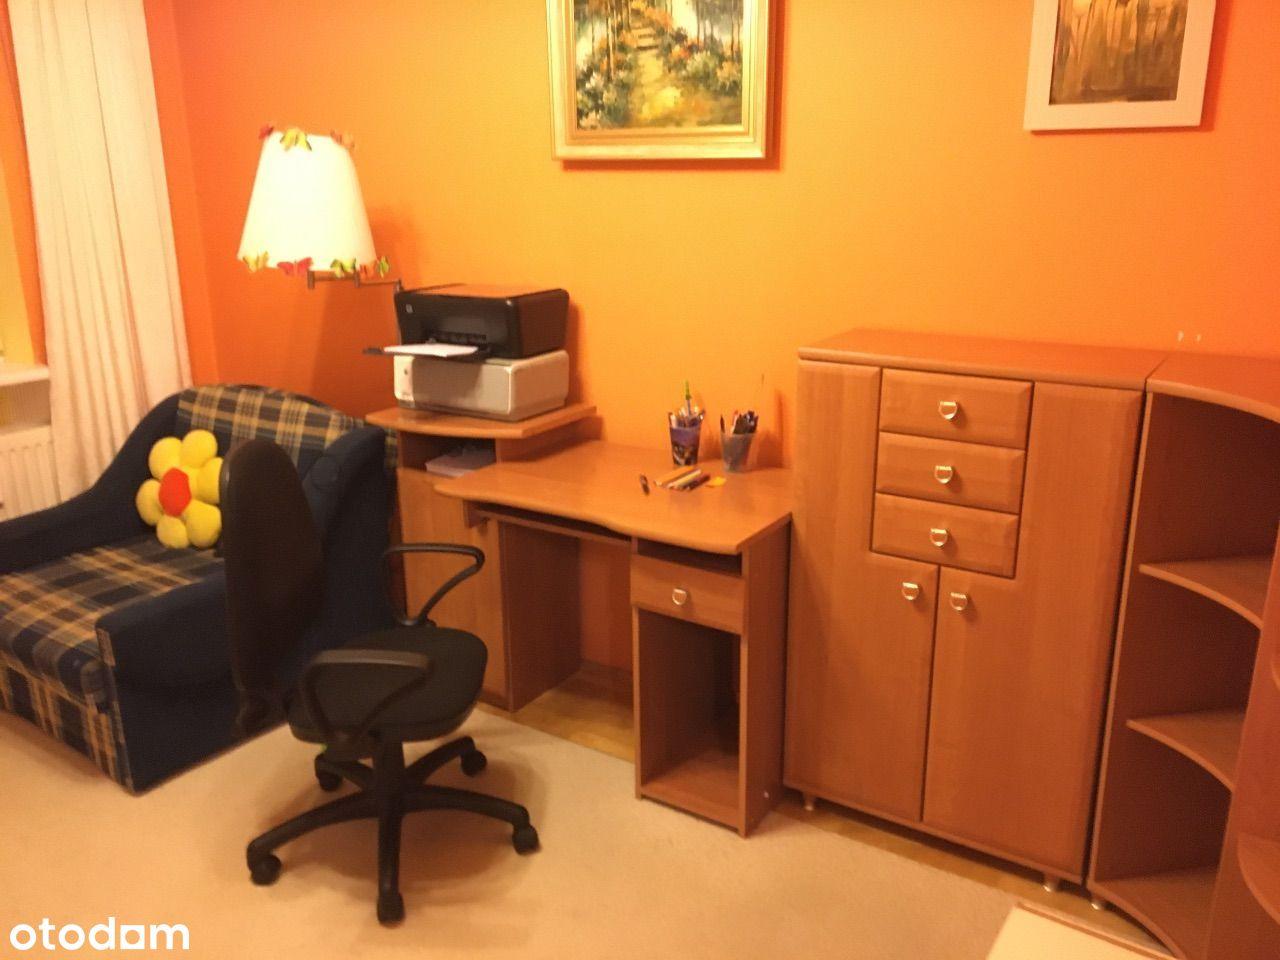 Pokój lub dwa pokoje do wynajęcia blisko Centrum.